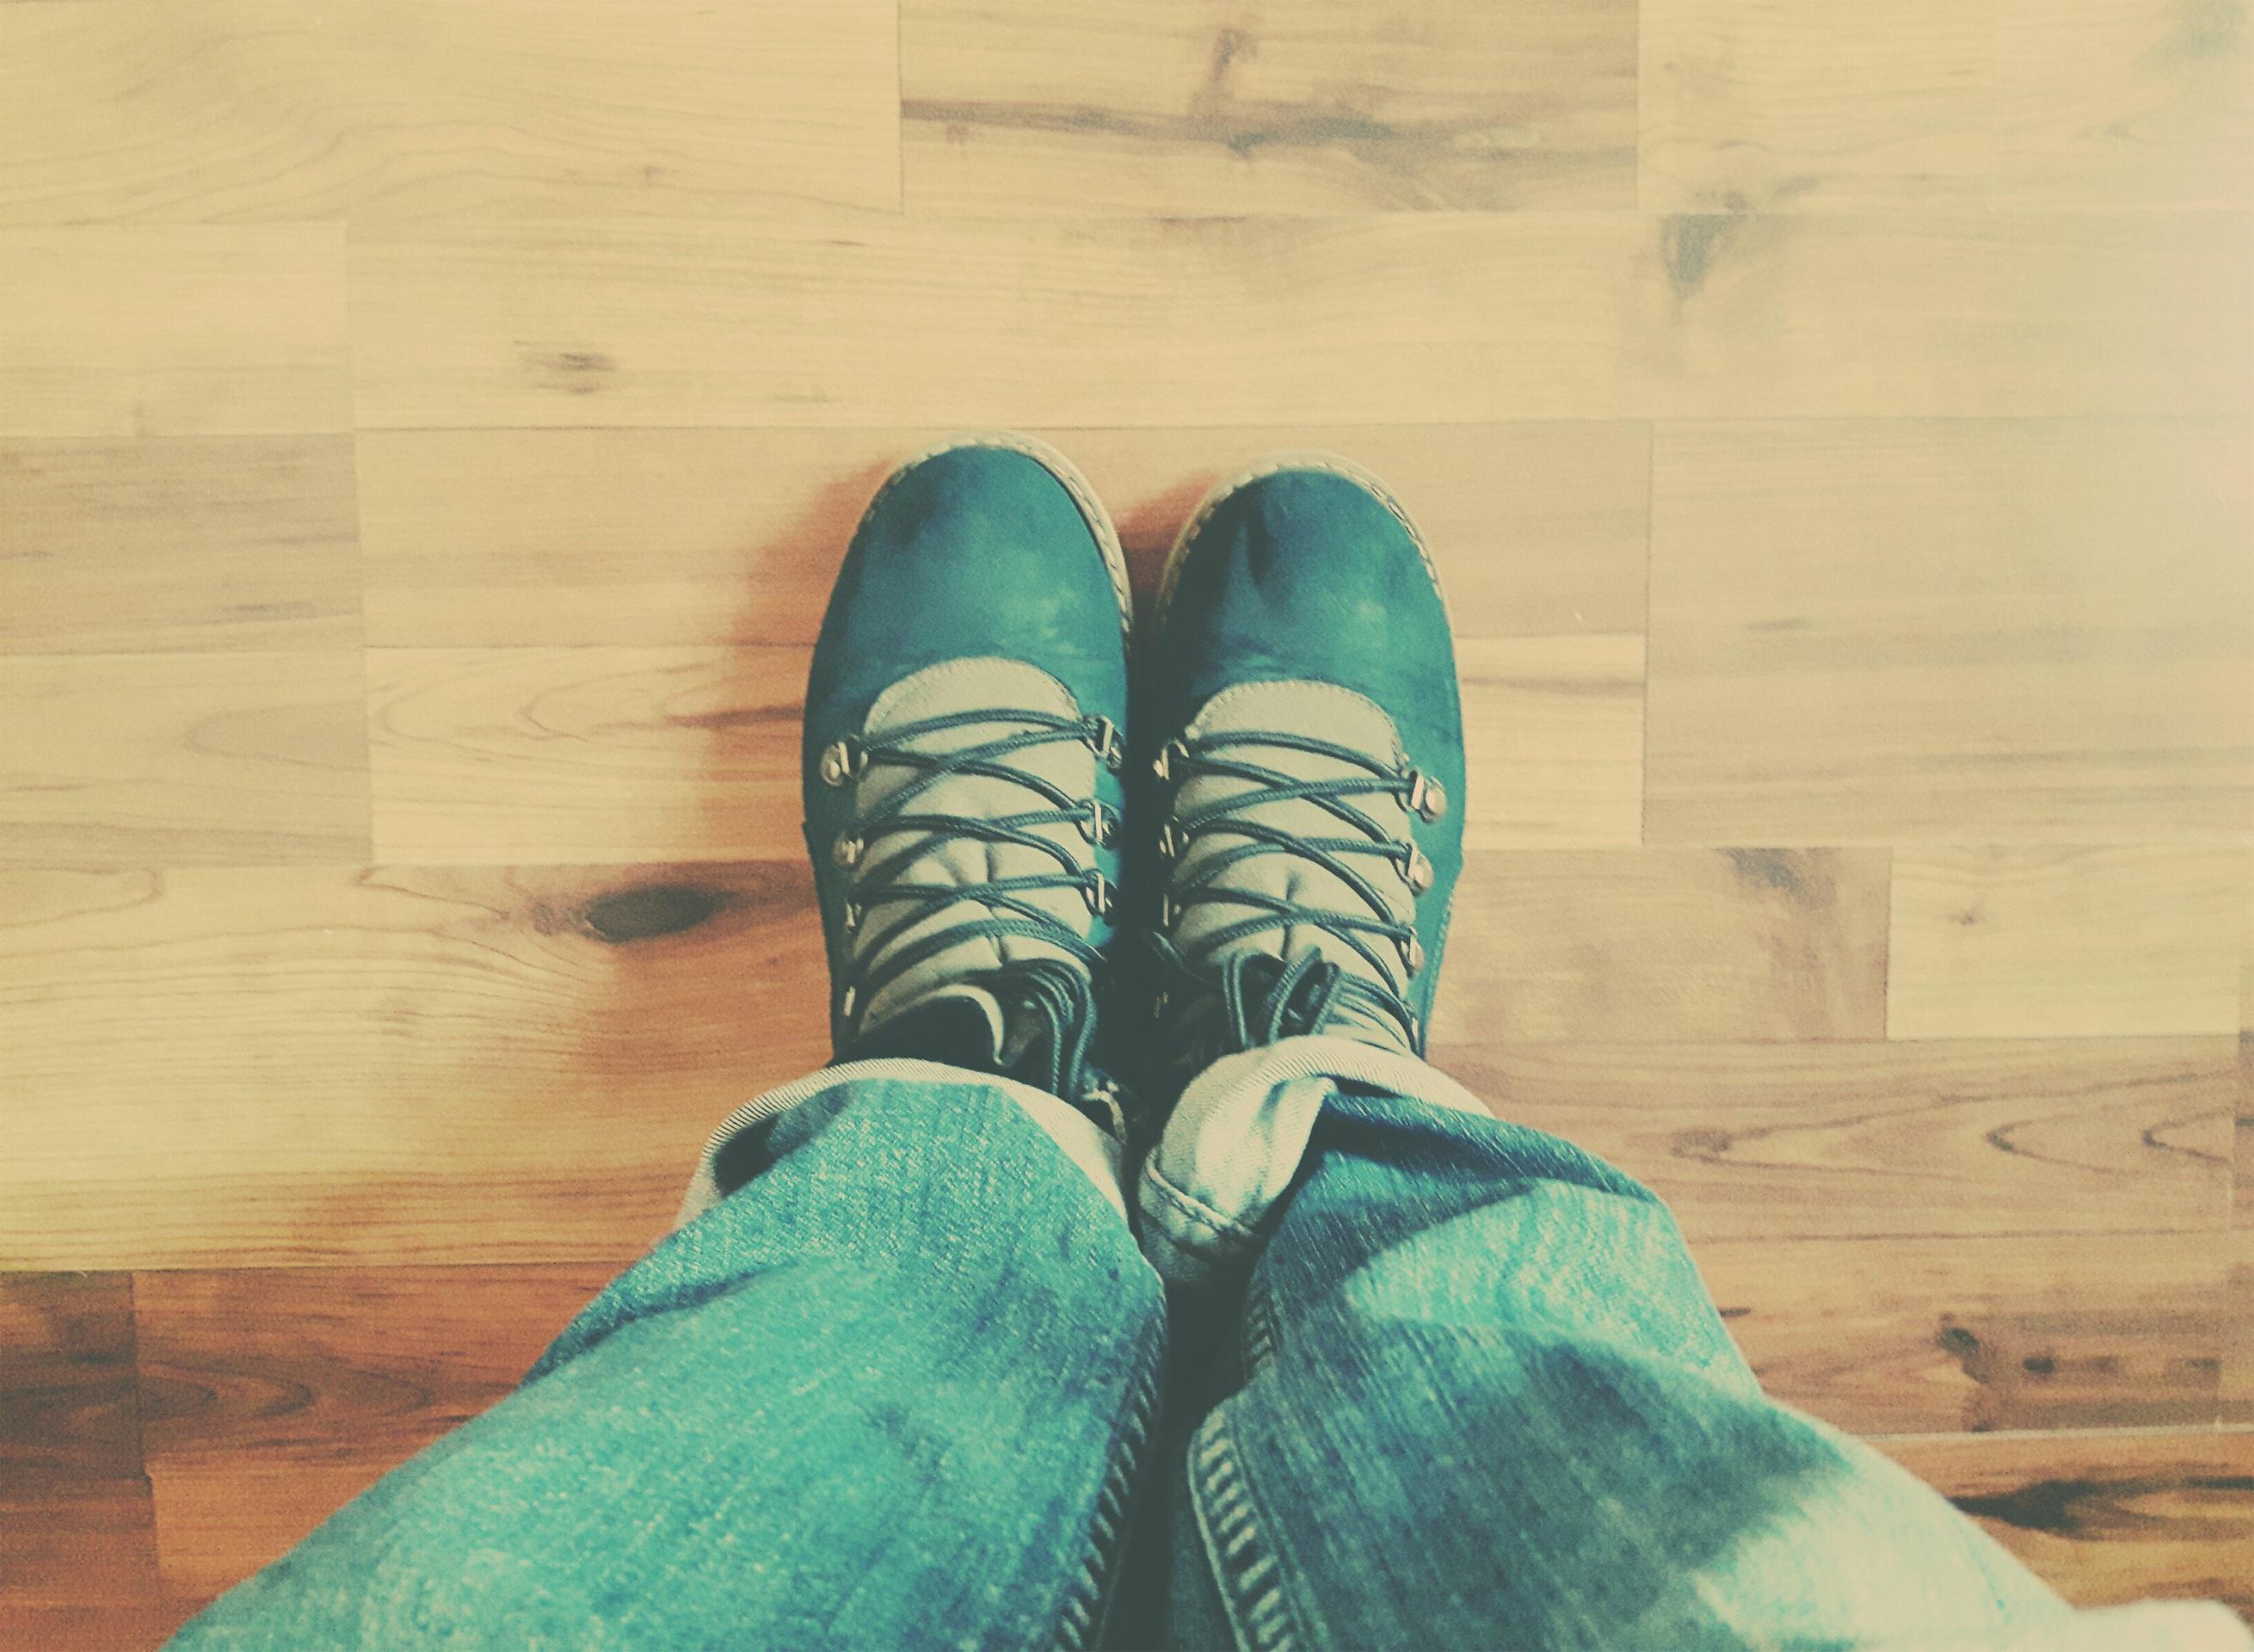 Fotoğraf El Ayakkabı Ahşap Zemin Ayaklar Bacak Parmak Bahar